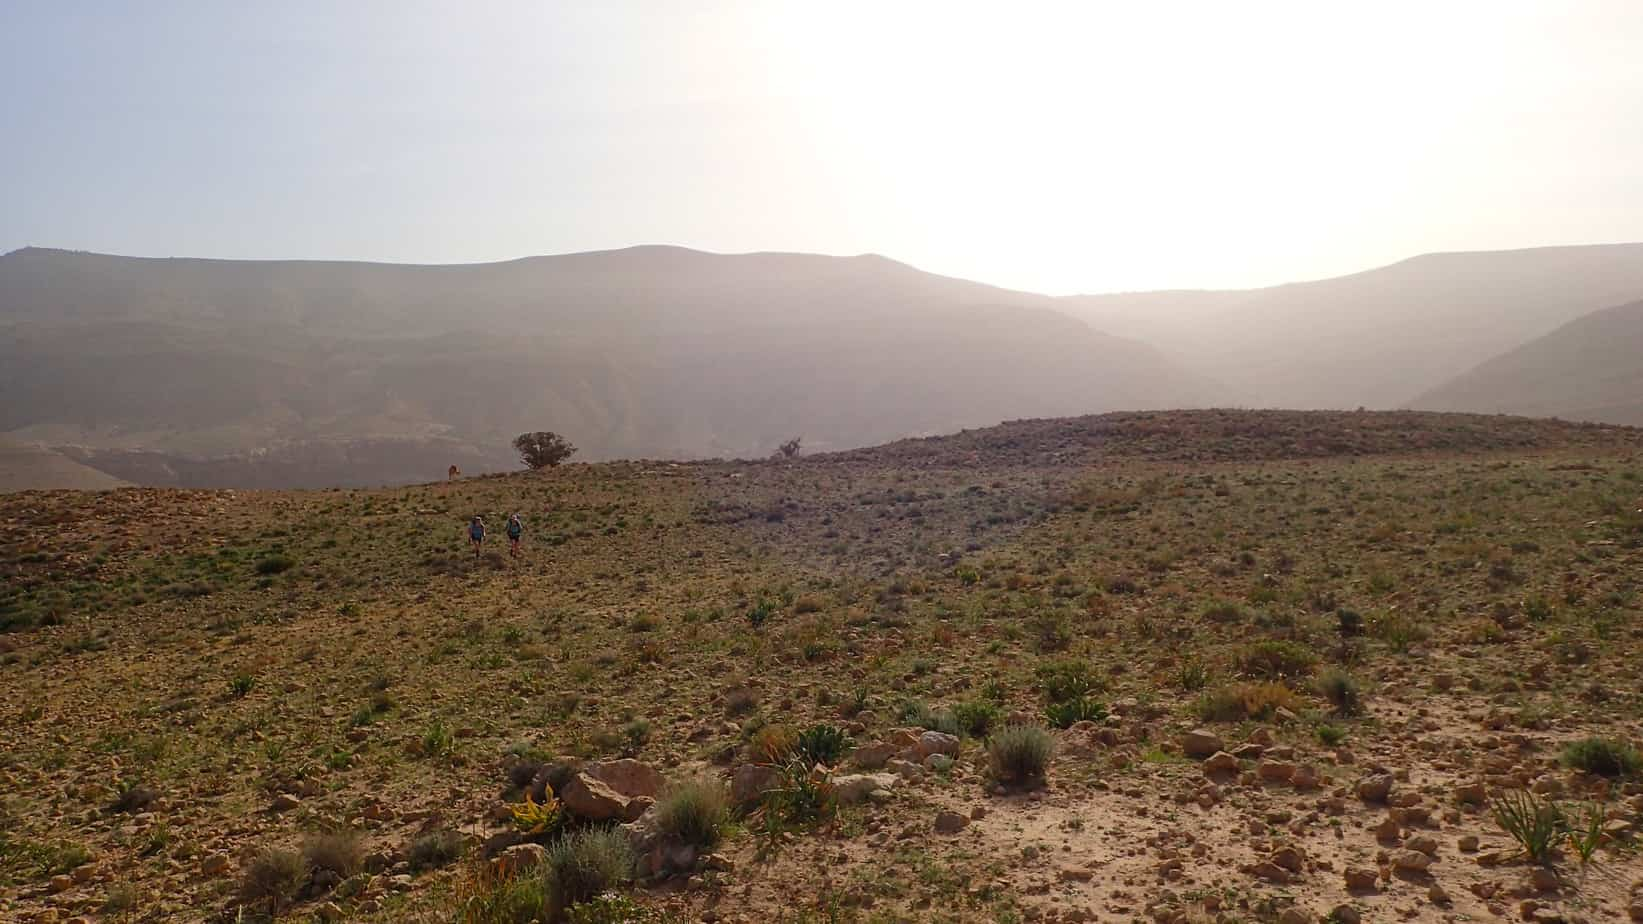 Hiking across the Jordan desert